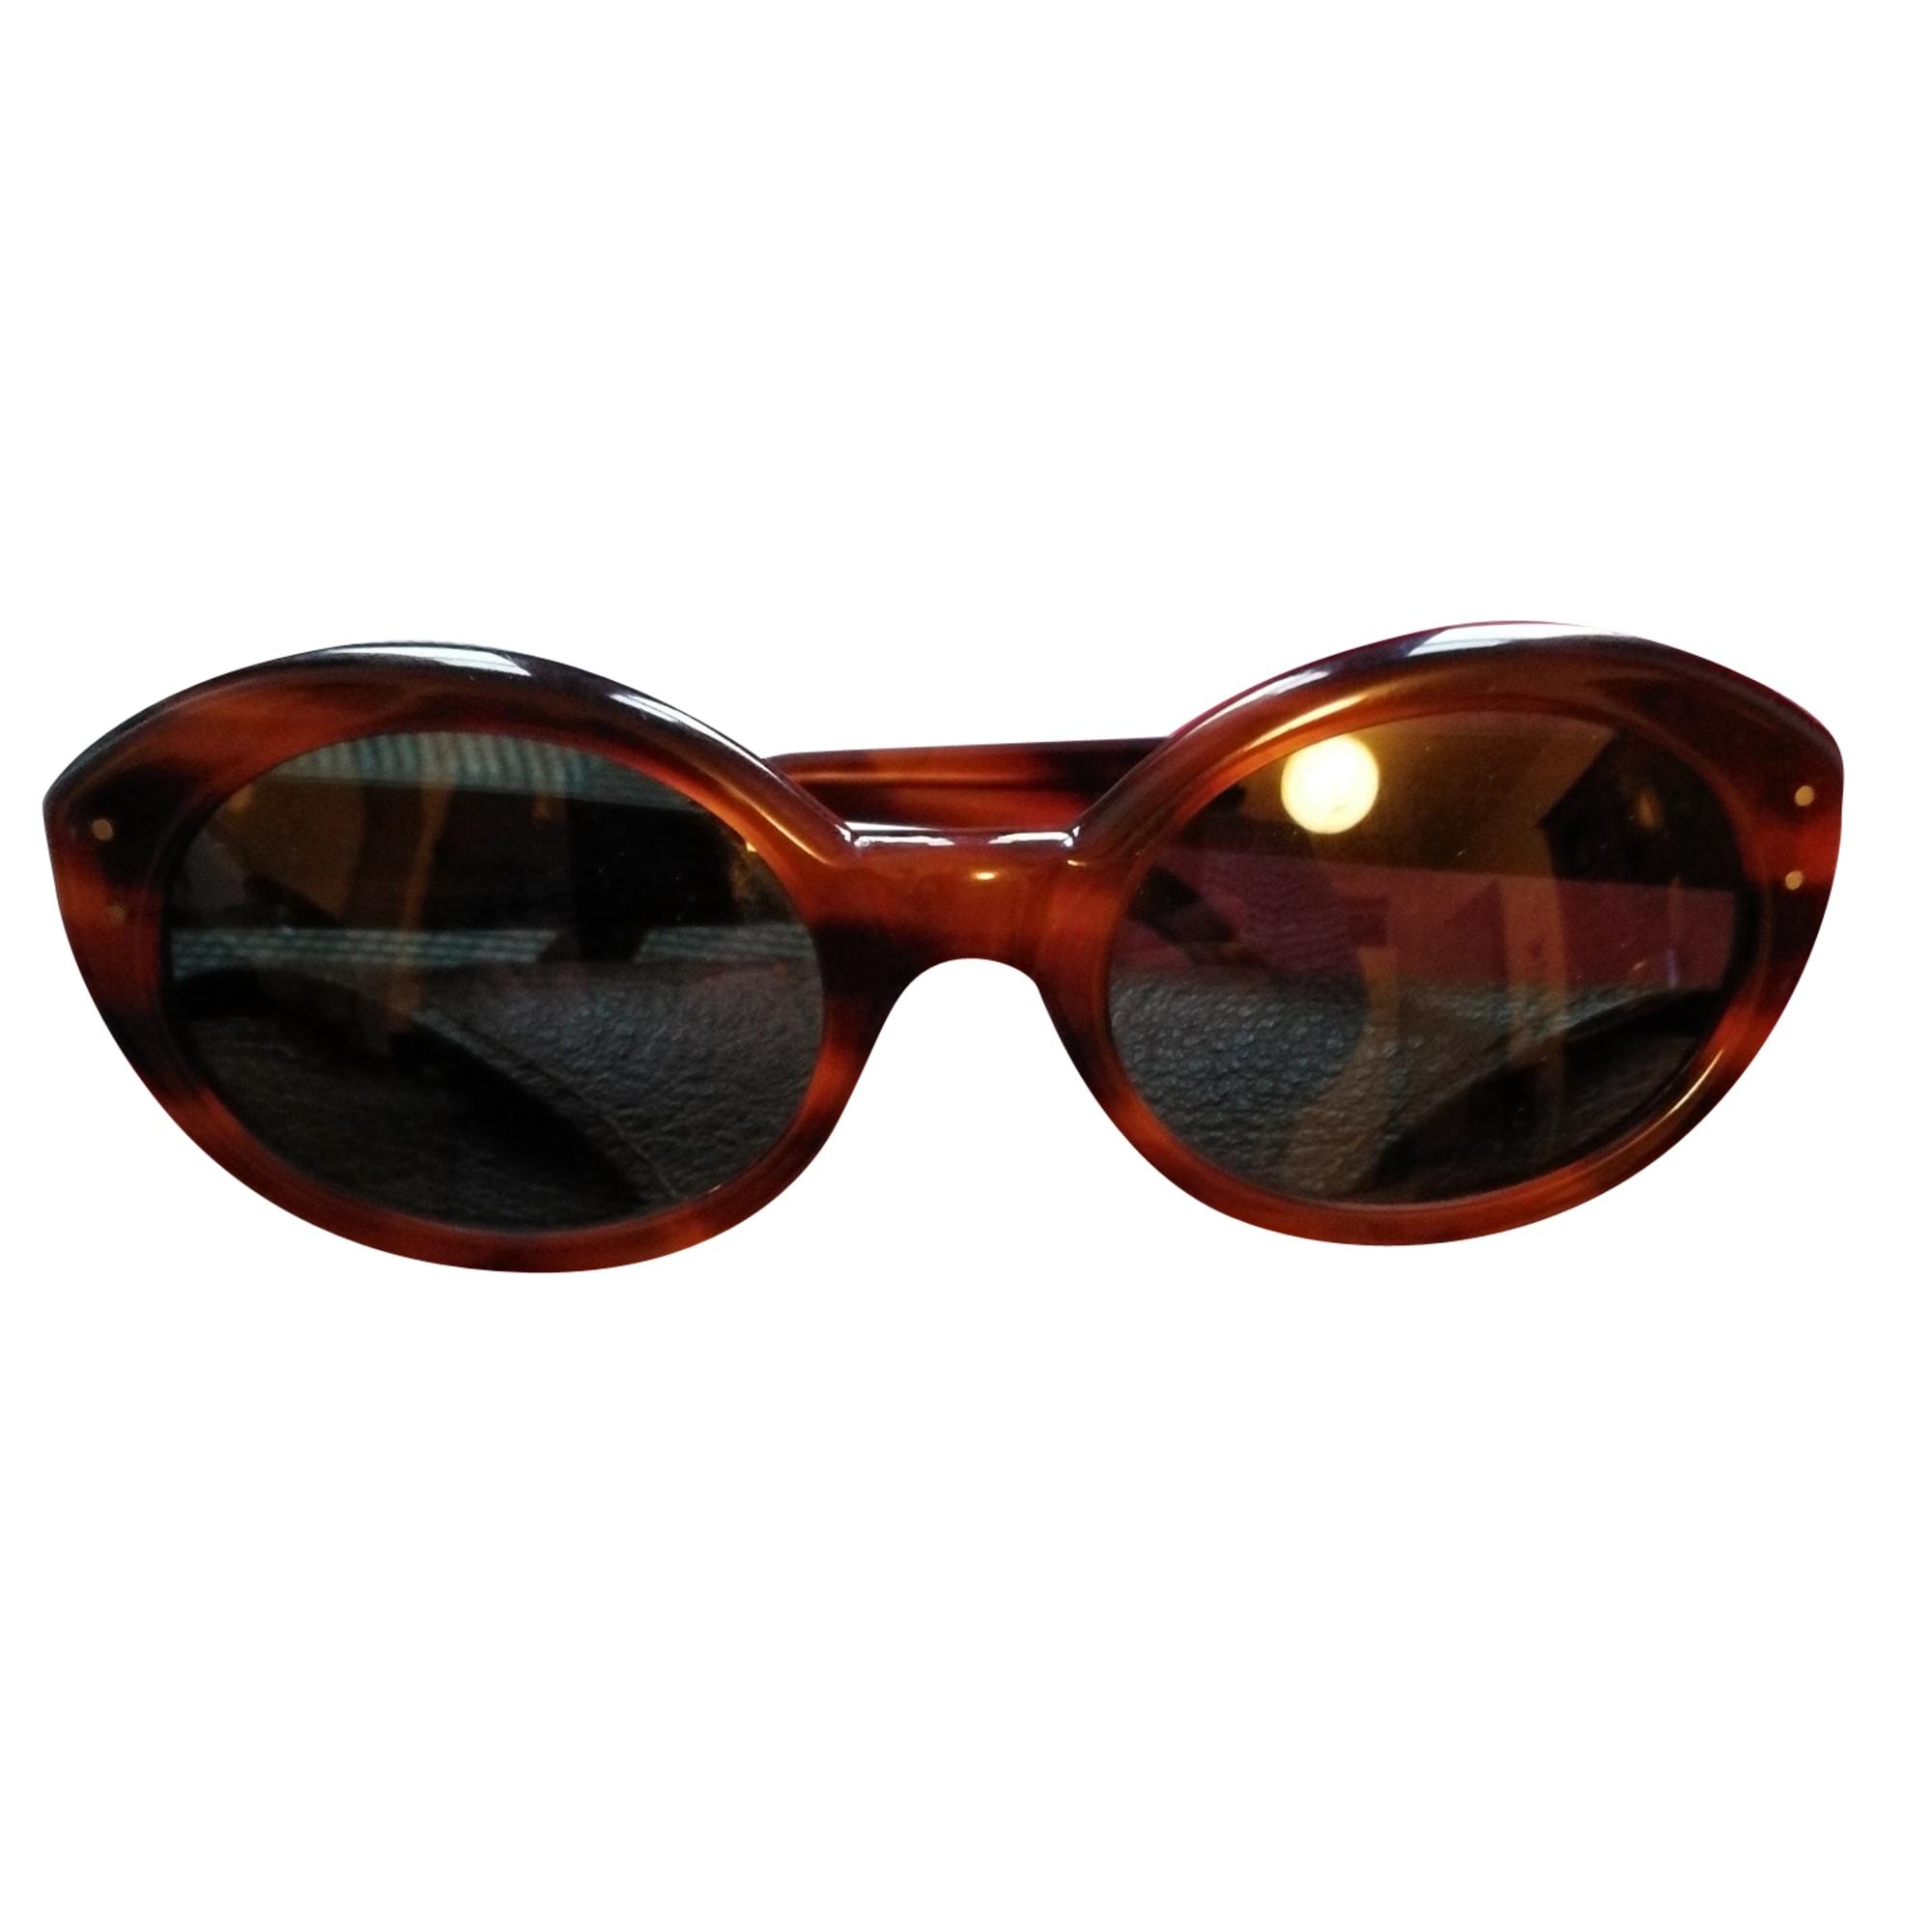 9329289c1dc44 Lunettes de soleil RAY-BAN marron vendu par Evanovitch - 8248922